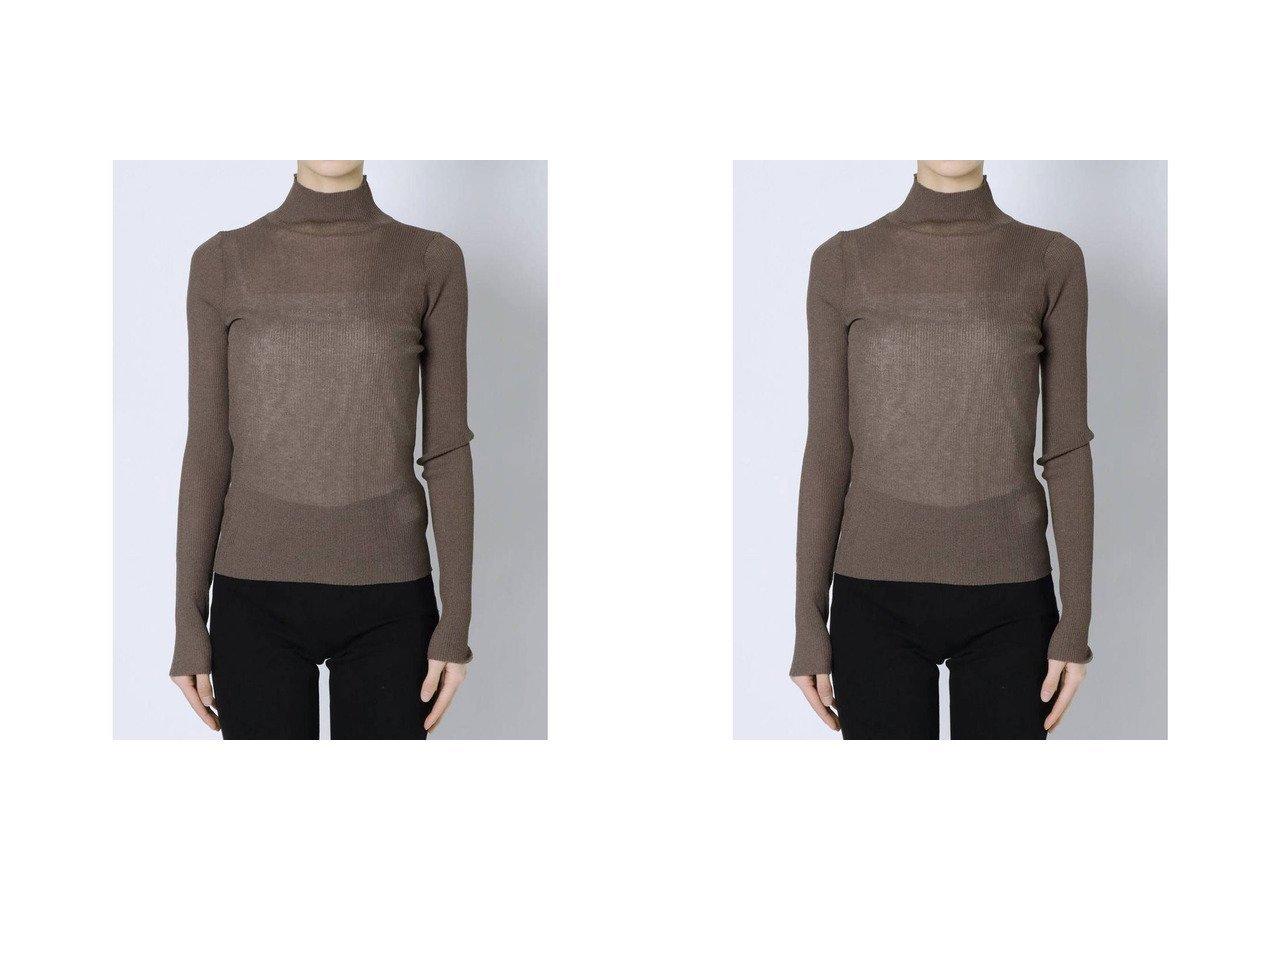 【MURUA/ムルーア】のMURUA シアーミニマルタートル おすすめ!人気、トレンド・レディースファッションの通販 おすすめで人気の流行・トレンド、ファッションの通販商品 インテリア・家具・メンズファッション・キッズファッション・レディースファッション・服の通販 founy(ファニー) https://founy.com/ ファッション Fashion レディースファッション WOMEN 2021年 2021 2021春夏・S/S SS/Spring/Summer/2021 S/S・春夏 SS・Spring/Summer おすすめ Recommend シアー シンプル ベーシック ペンシル ロング 夏 Summer 春 Spring |ID:crp329100000072368